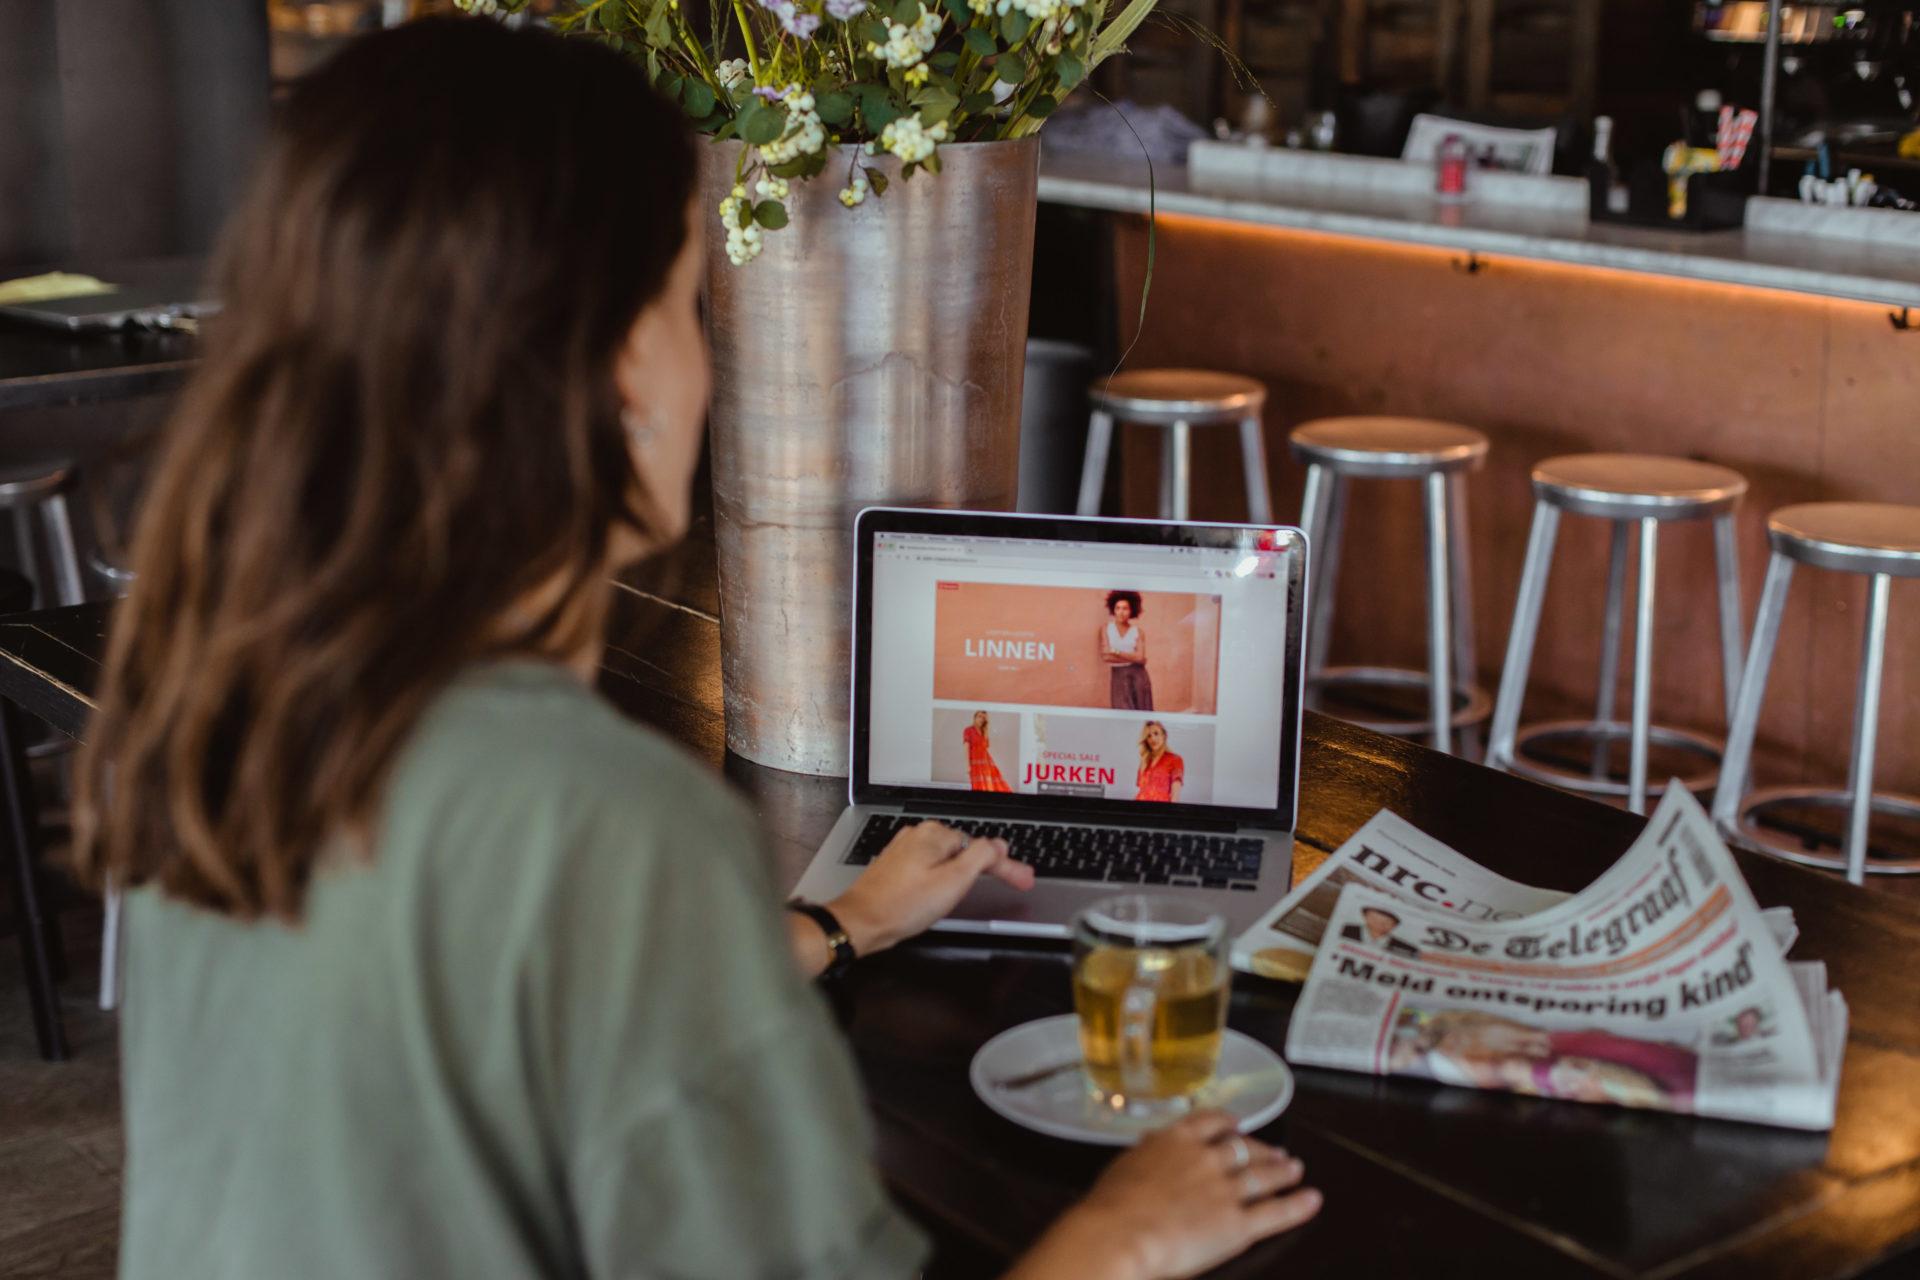 Warenhuis Peek & Cloppenburg heeft een online webshop